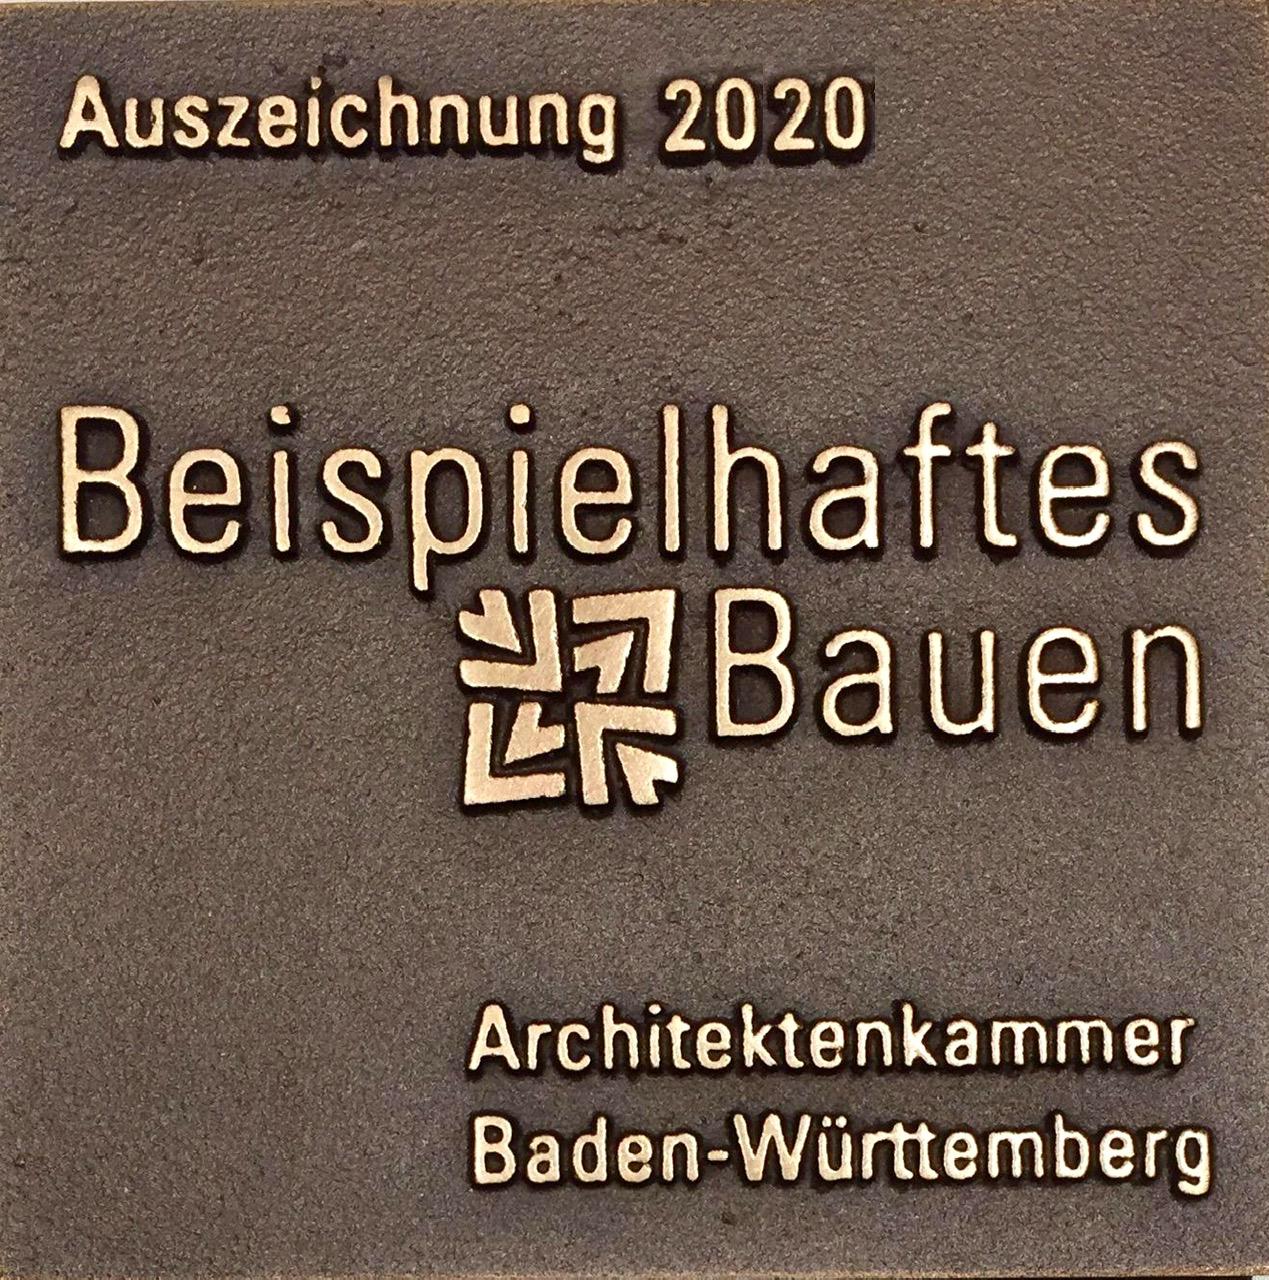 """kinderhaus BUGA -filigran,organisch- in heilbronn erhält die auszeichnung """"beispielhaftes bauen 2020"""" der architektenkammer baden-württemberg"""